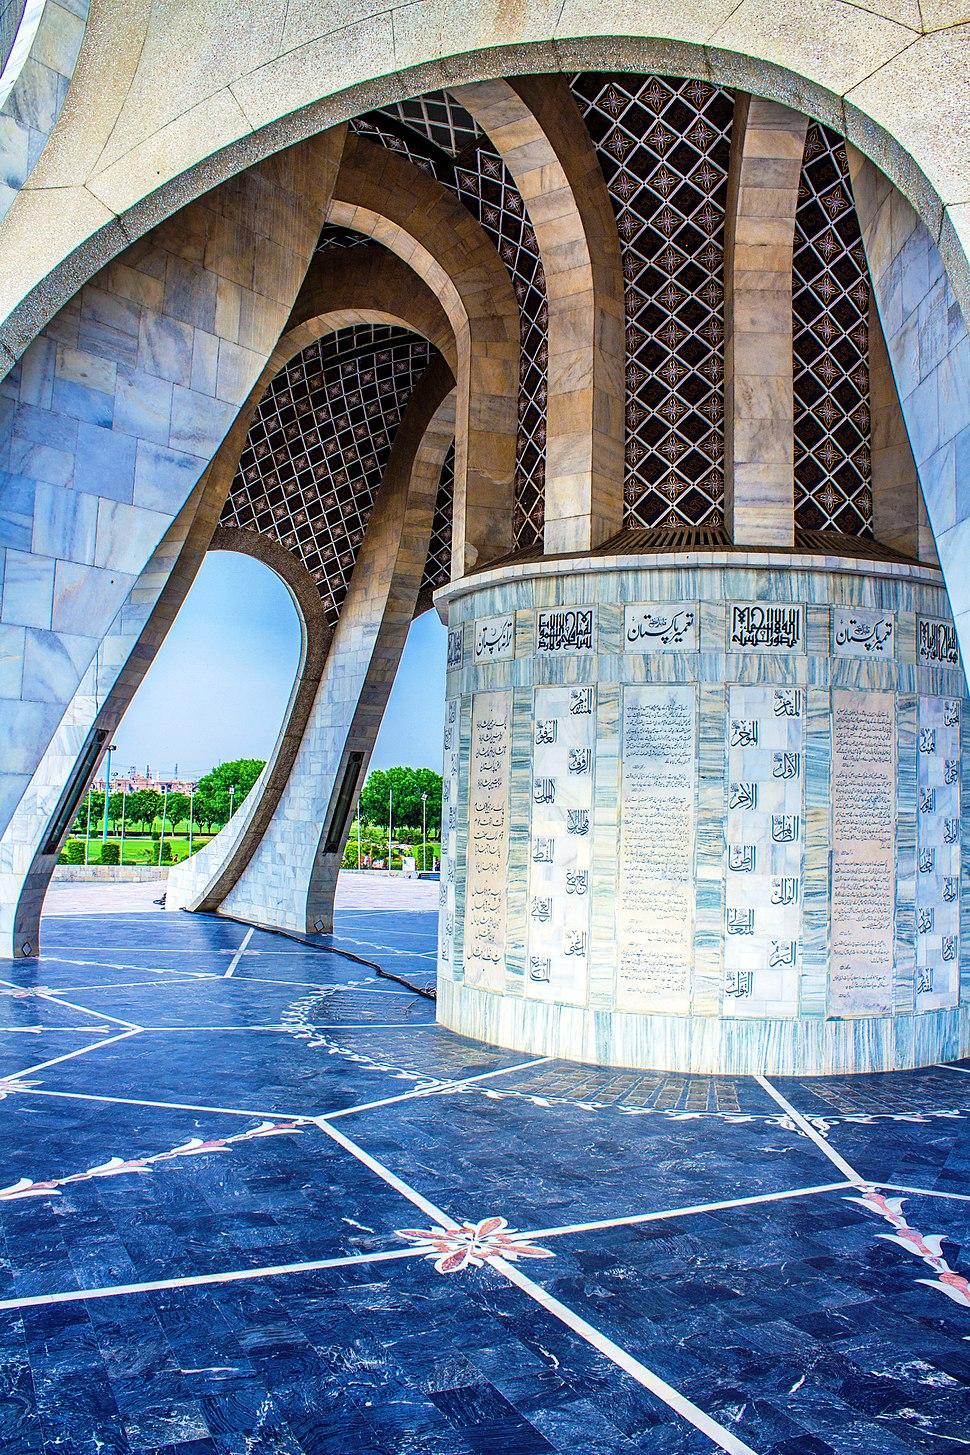 Minar-e-Pakistan Ground Level